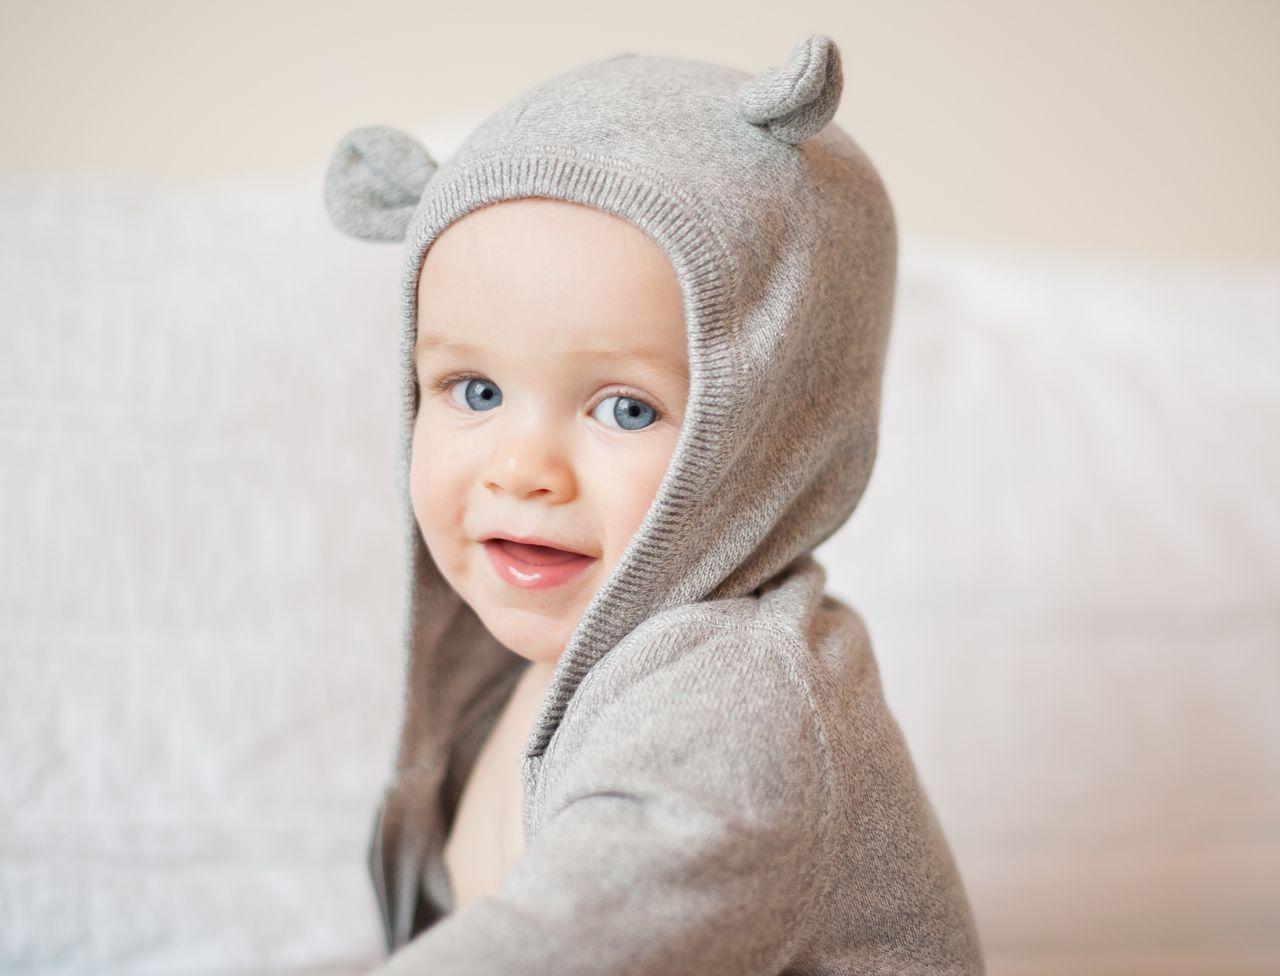 Santé : qu'est-ce que le muguet du nourrisson ?